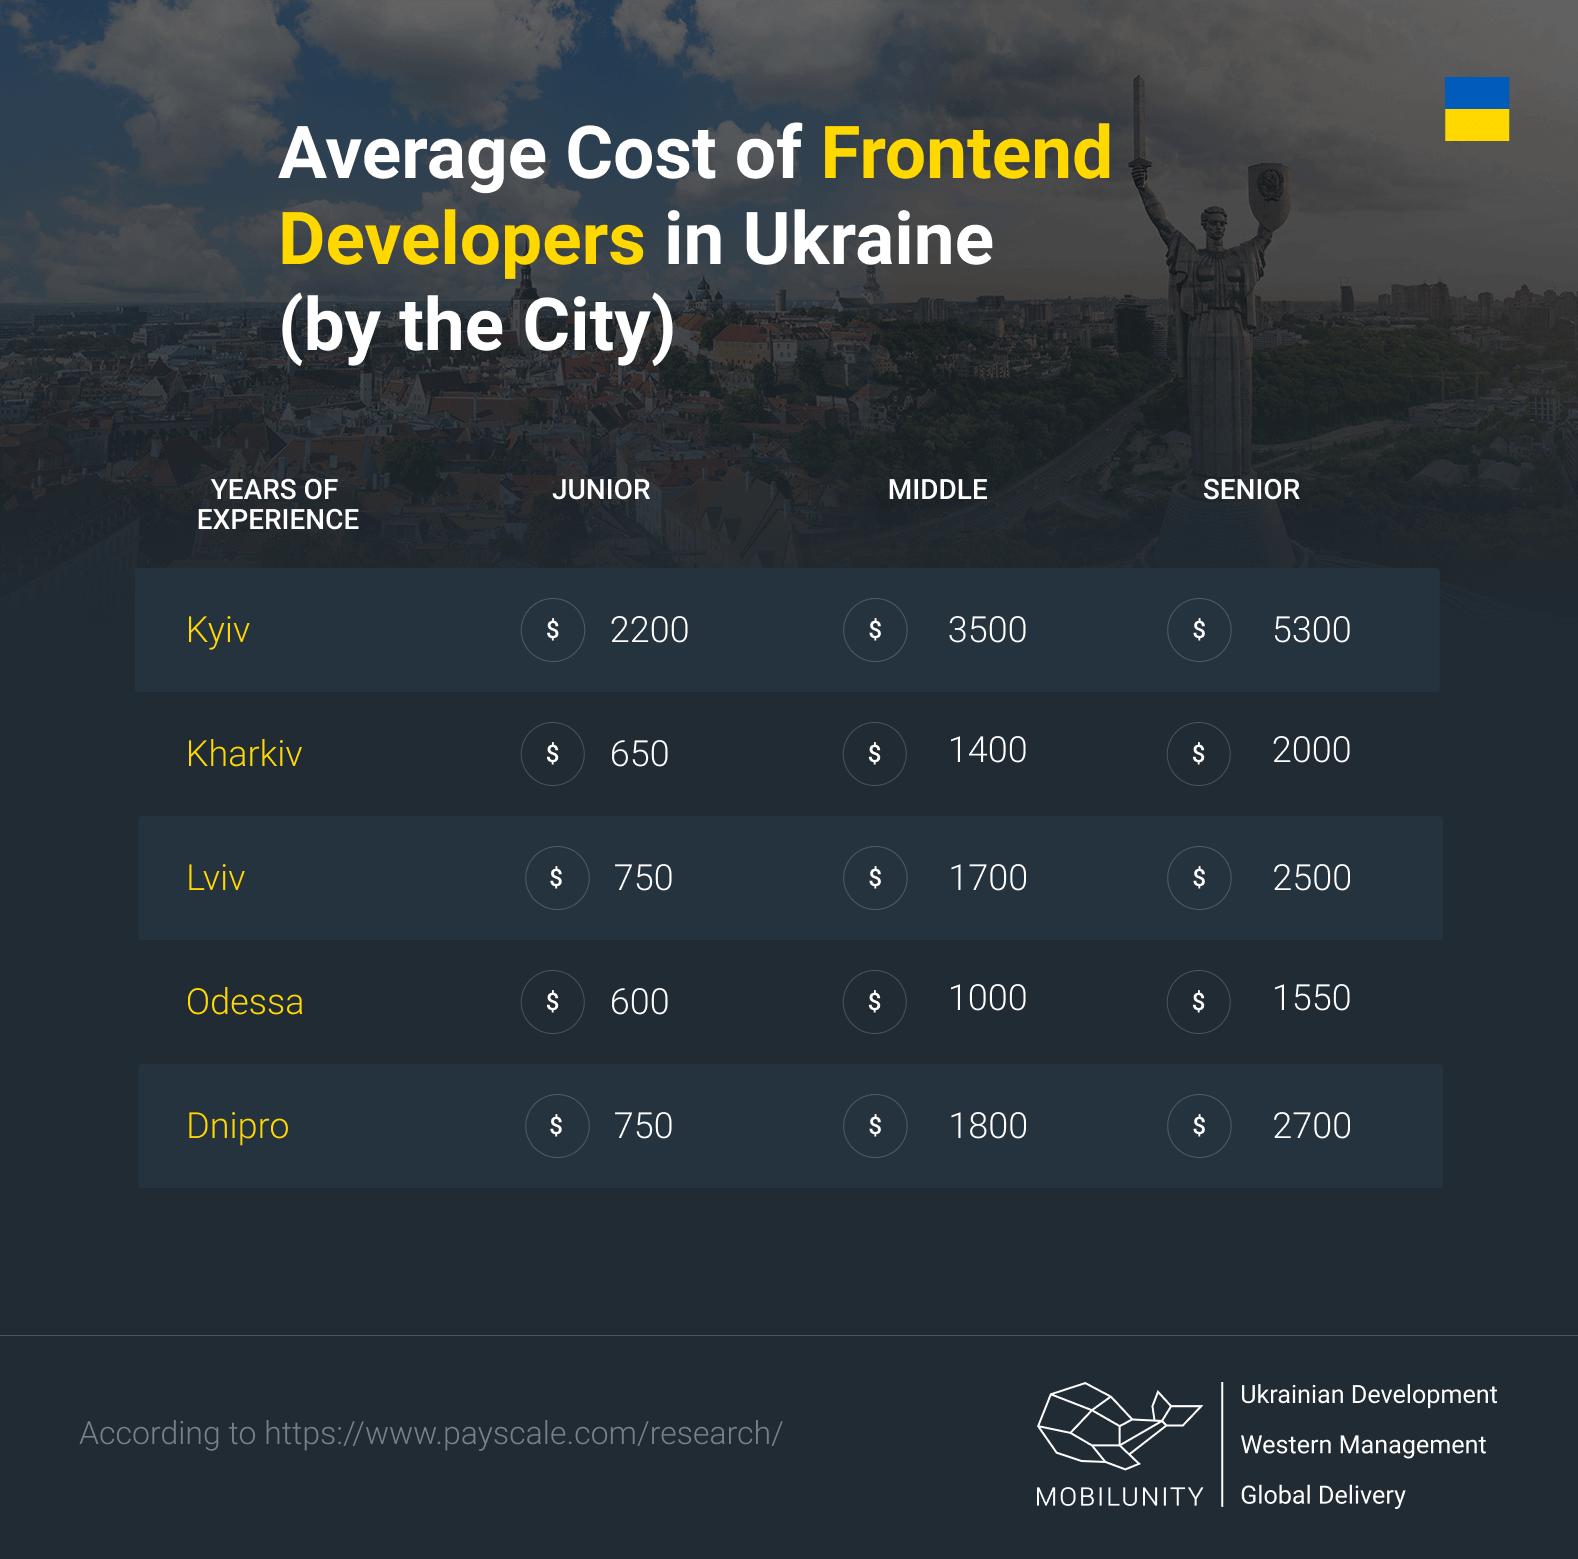 cost of frontend developer in Ukraine